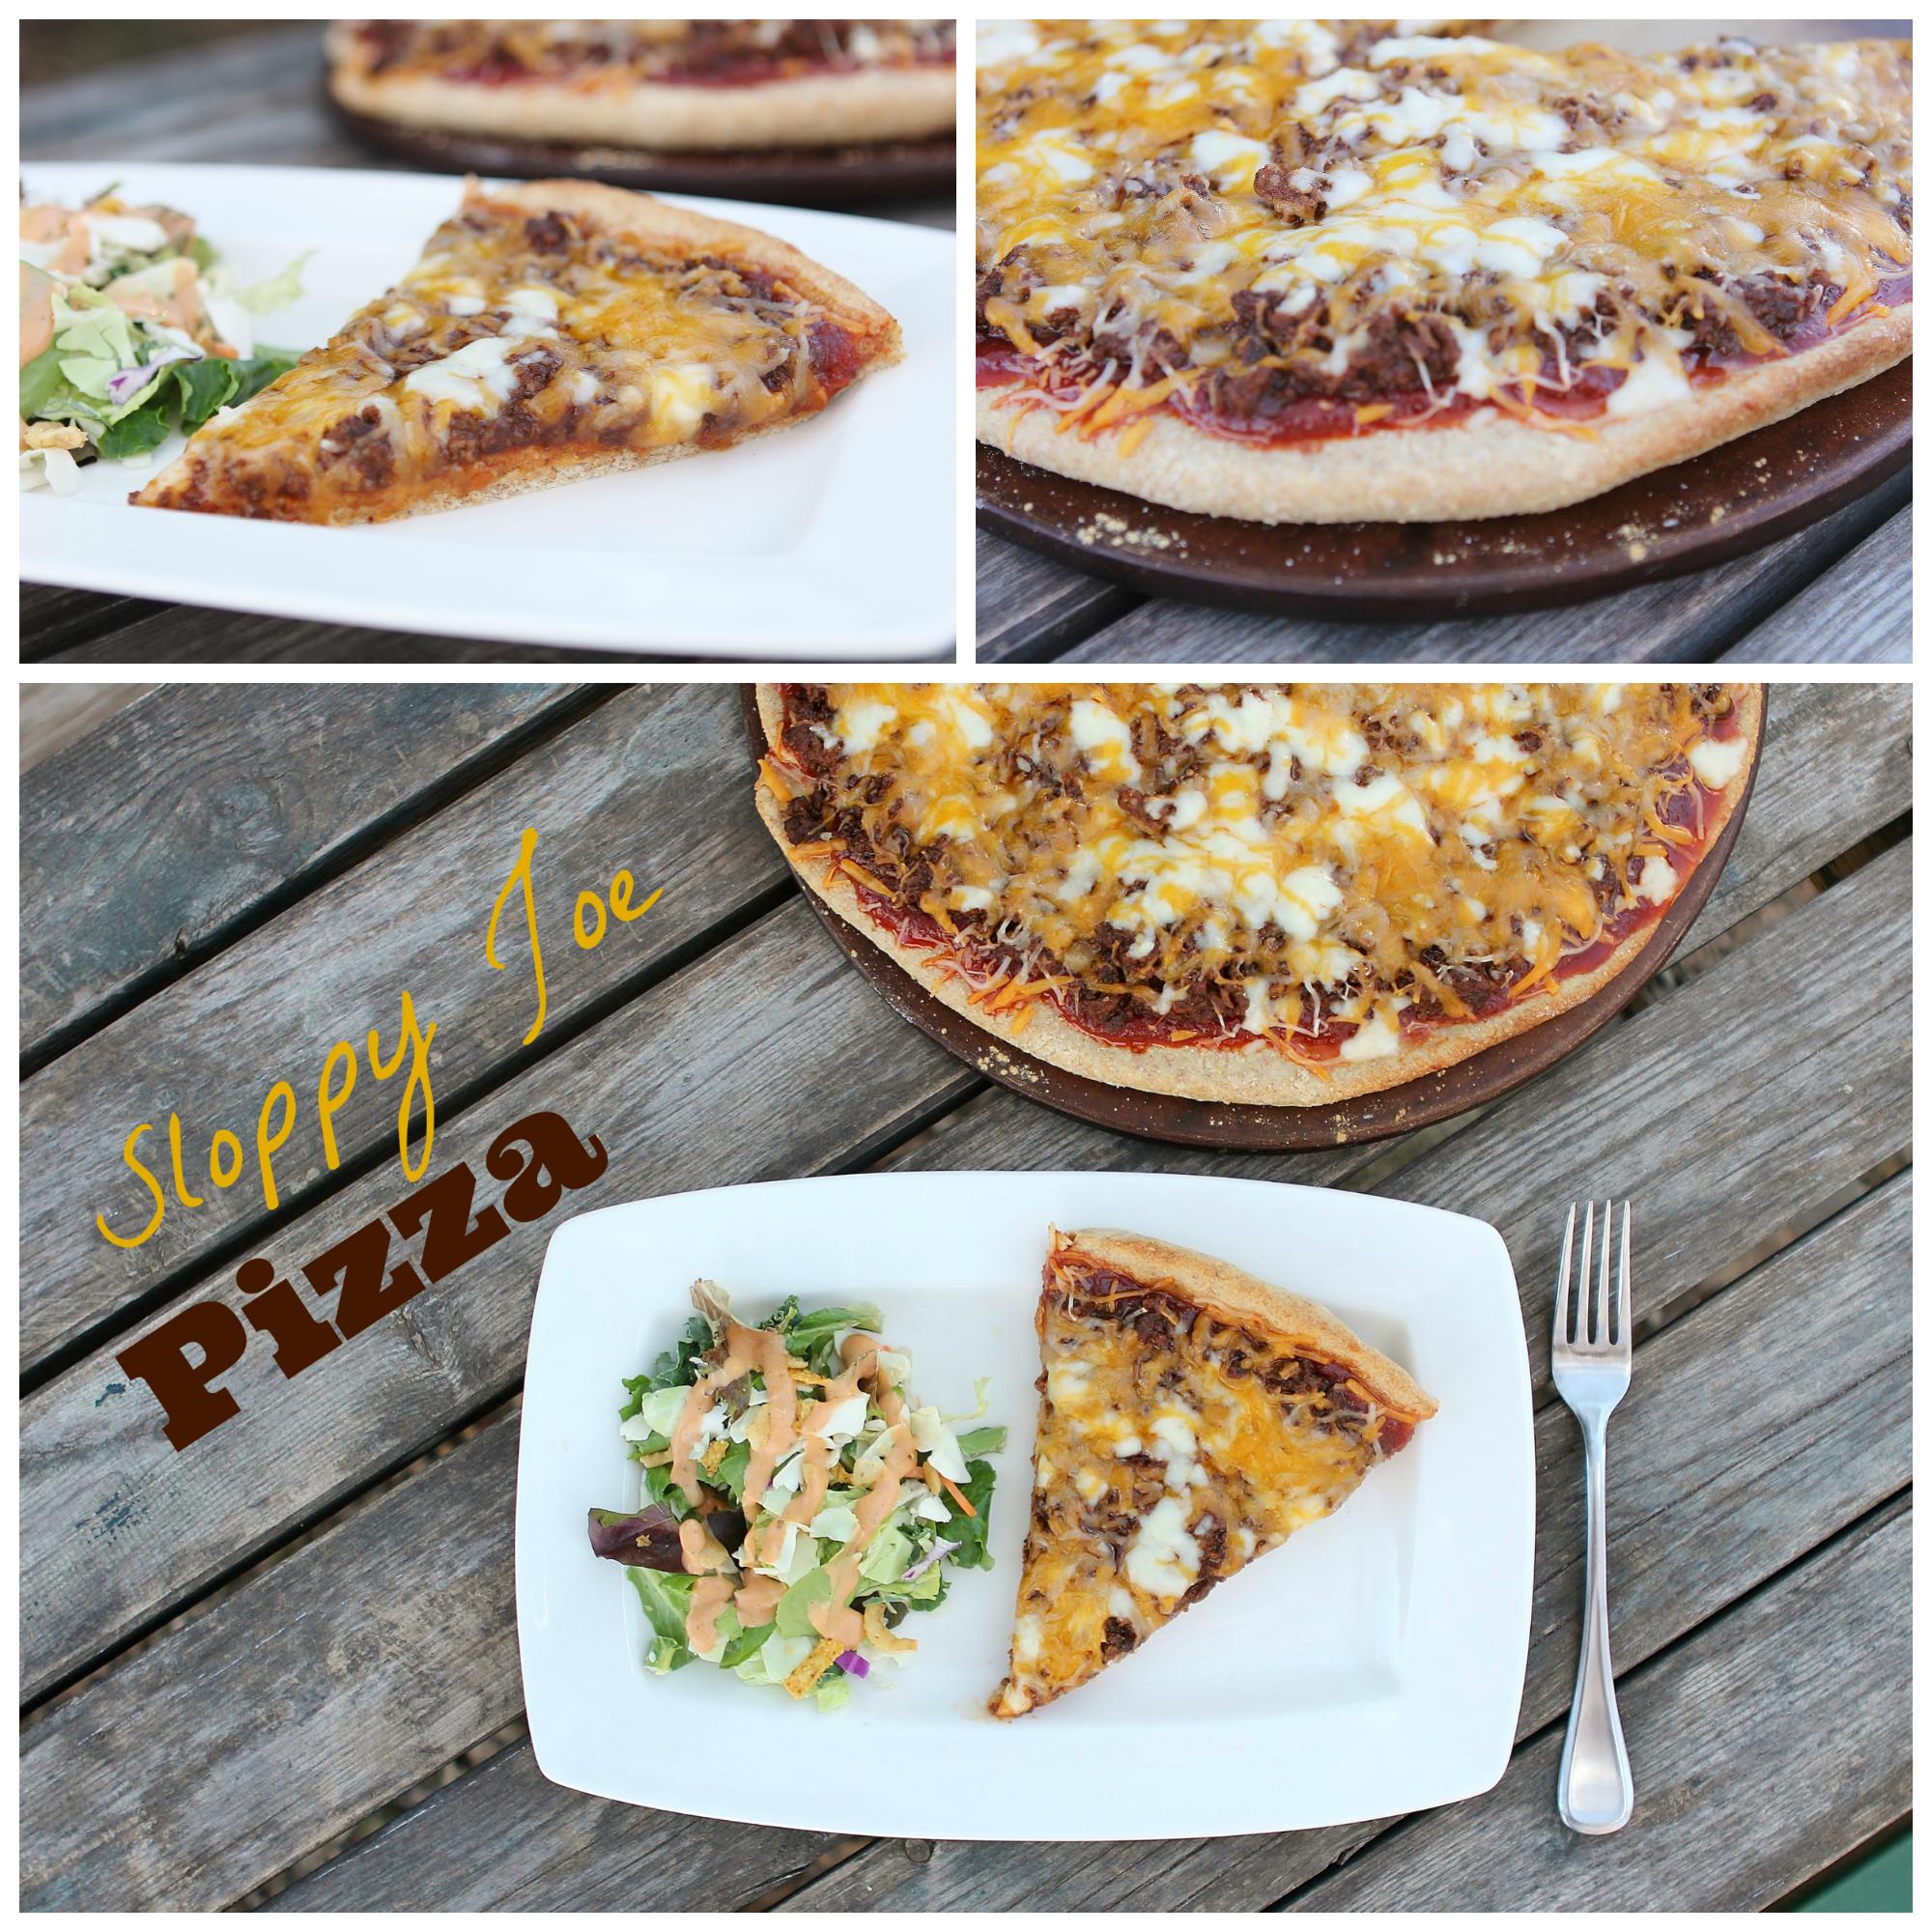 Sloppy Joe Pizza